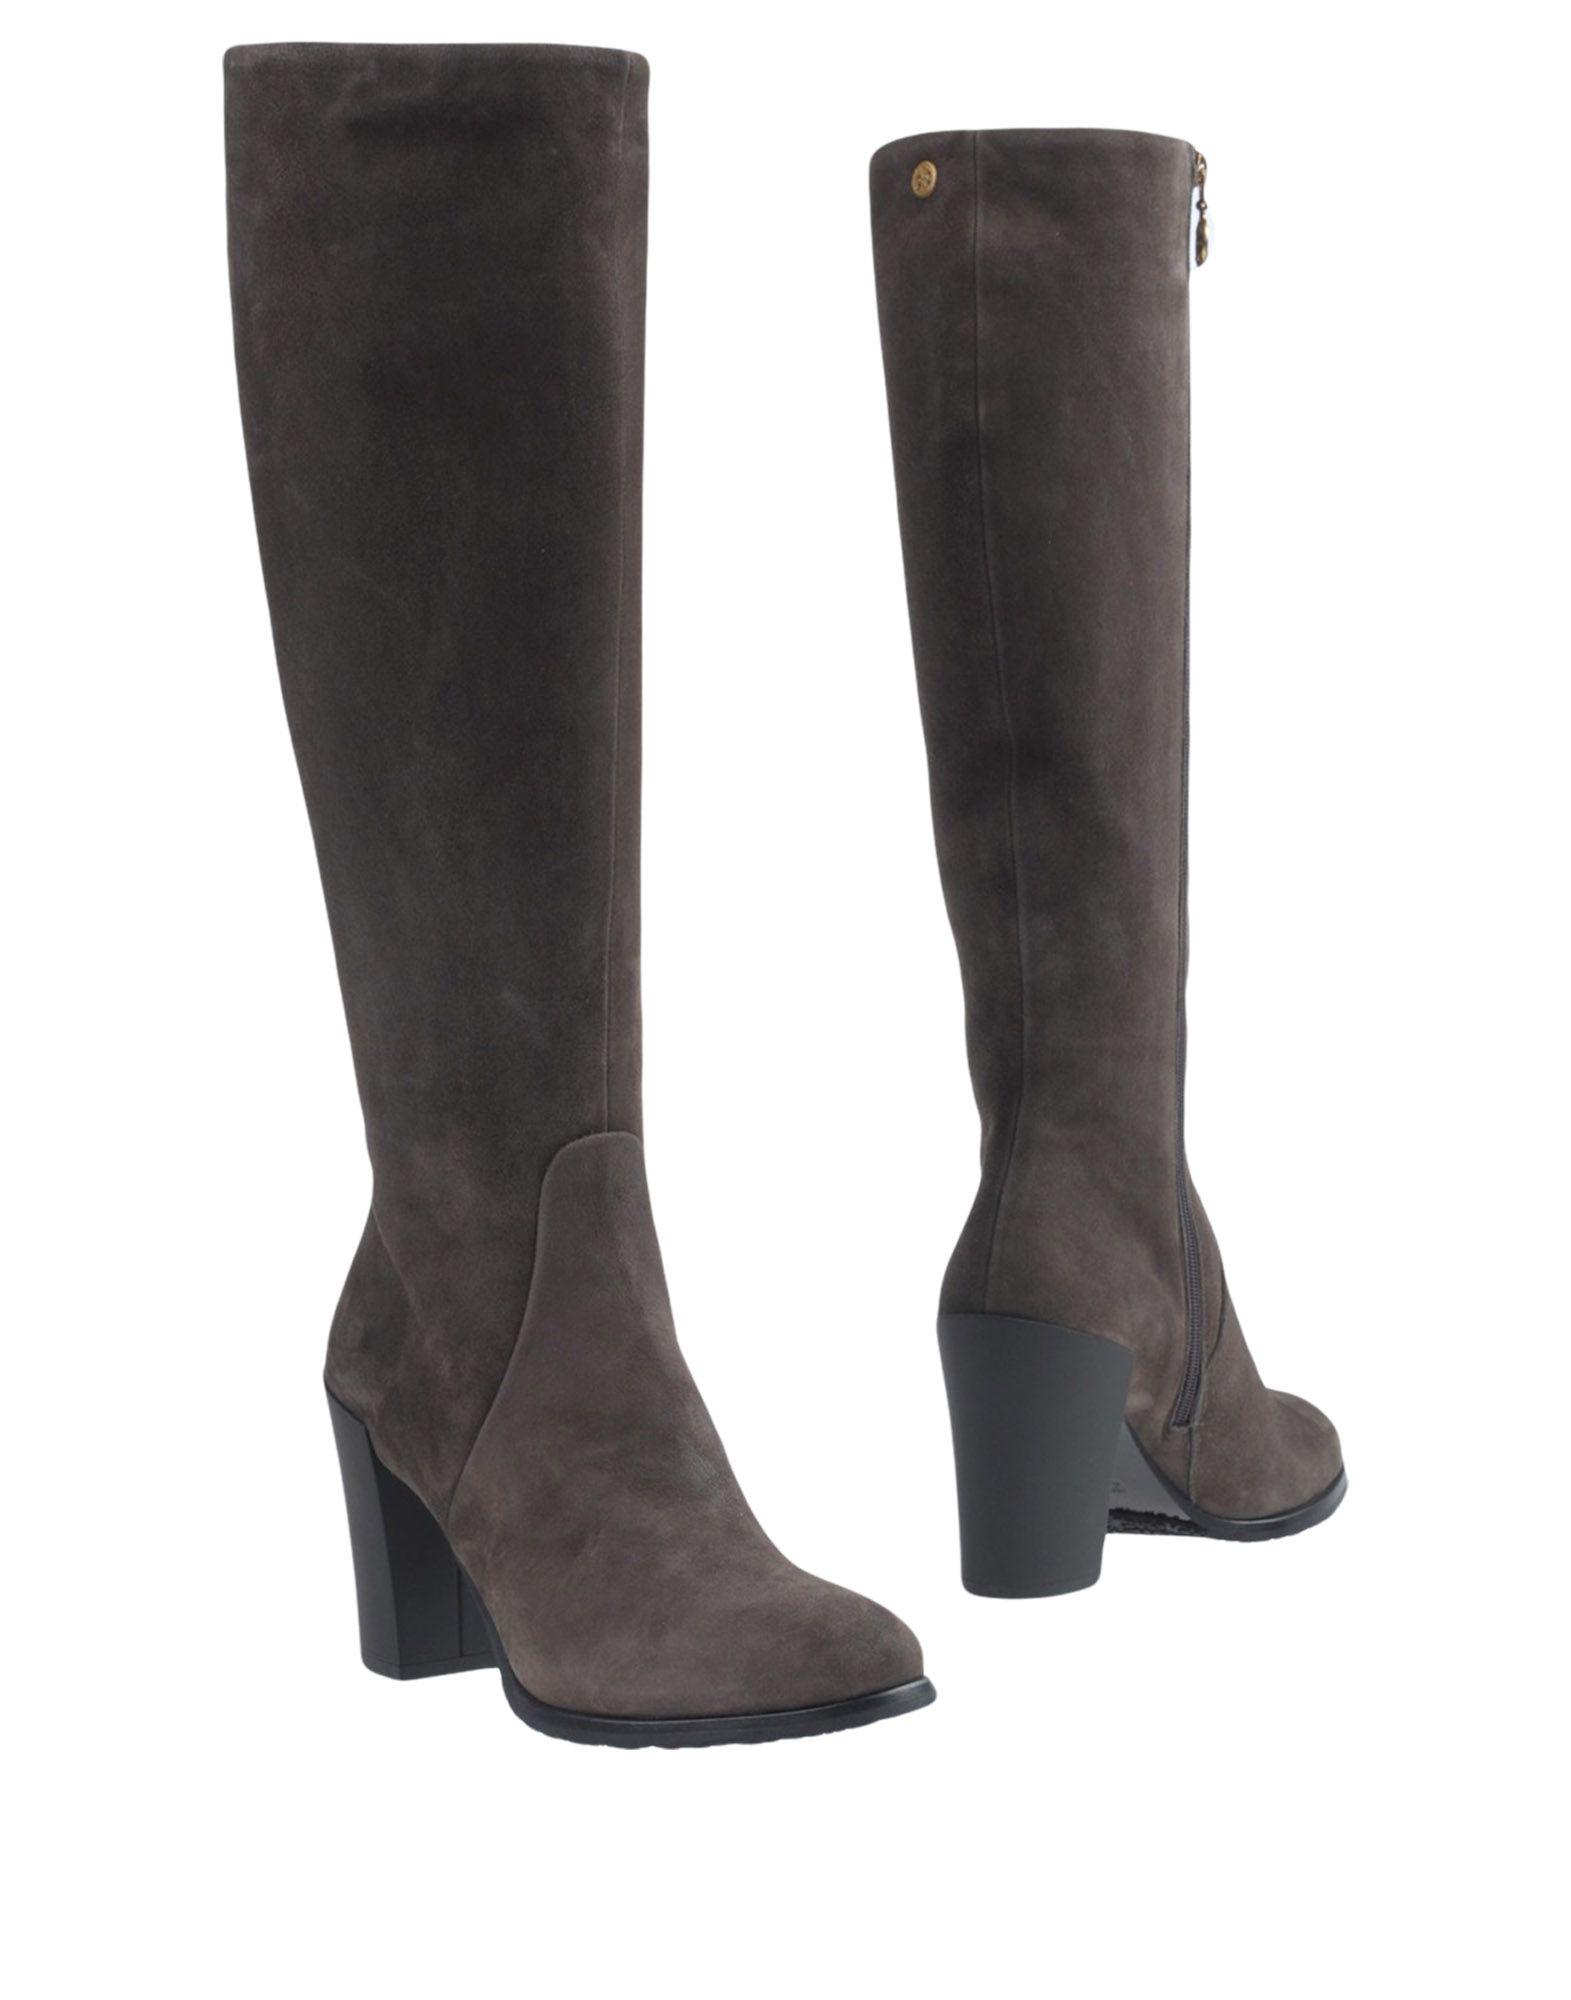 Fabi Stiefel Damen  11390898PGGut aussehende strapazierfähige Schuhe